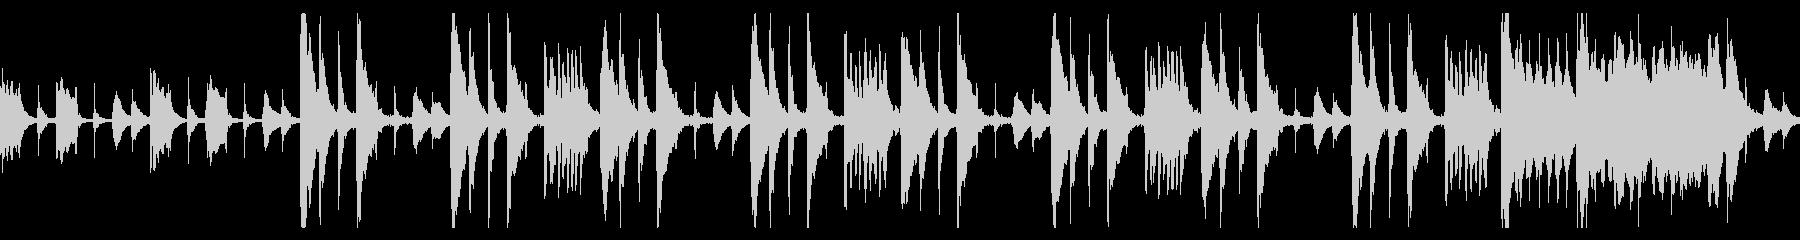 ギャグシーン風のとぼけたBGMの未再生の波形